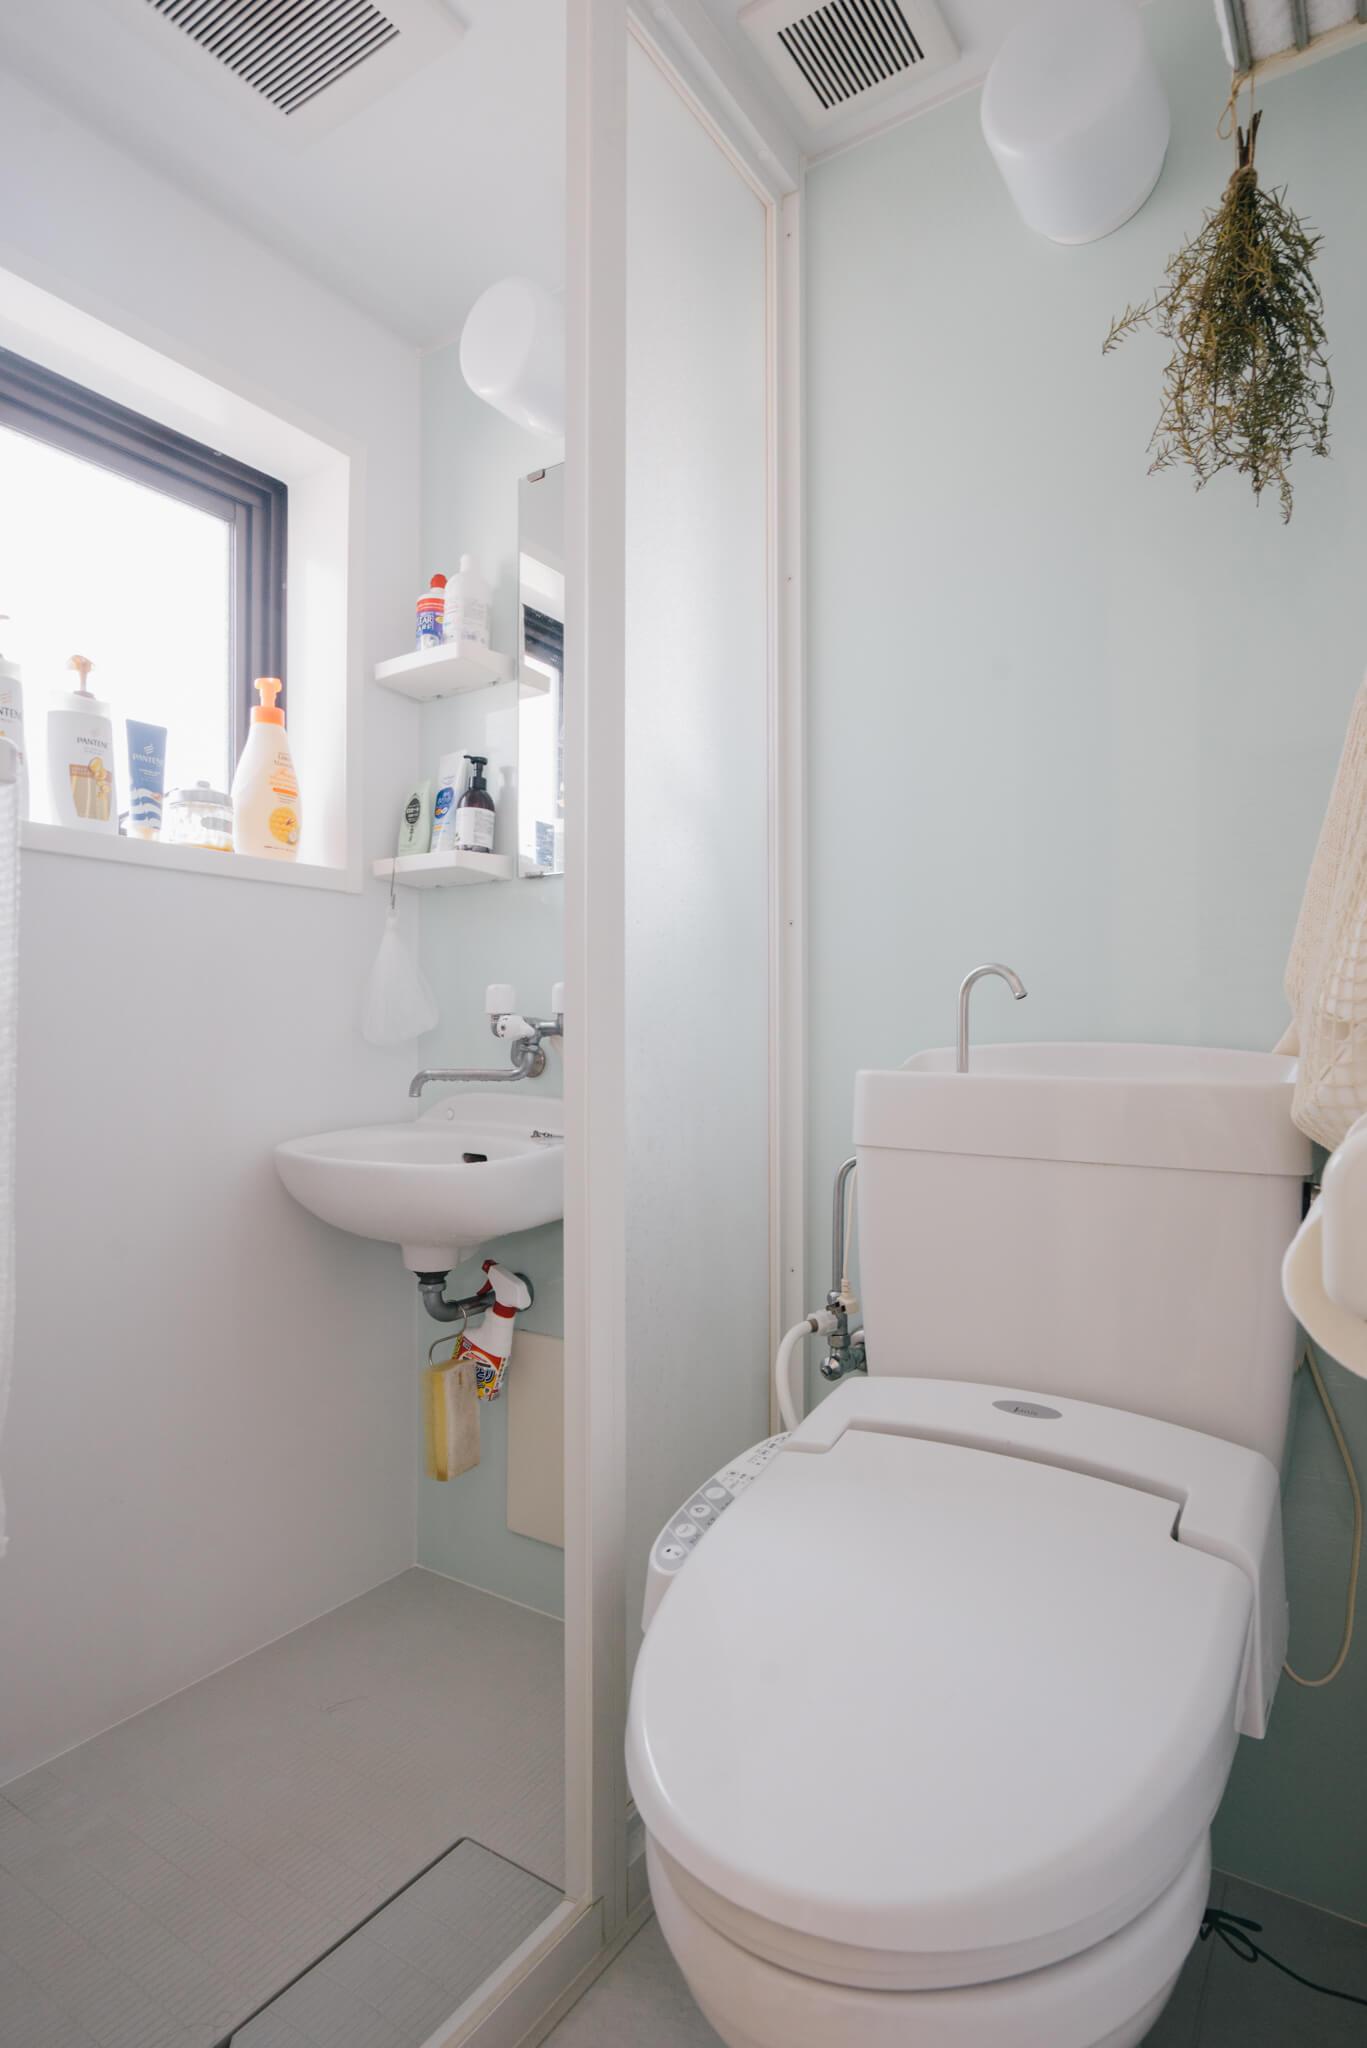 シャワールームや、トイレの床も、なるべく物を置かずにおくとお掃除が楽です(このお部屋はこちら)